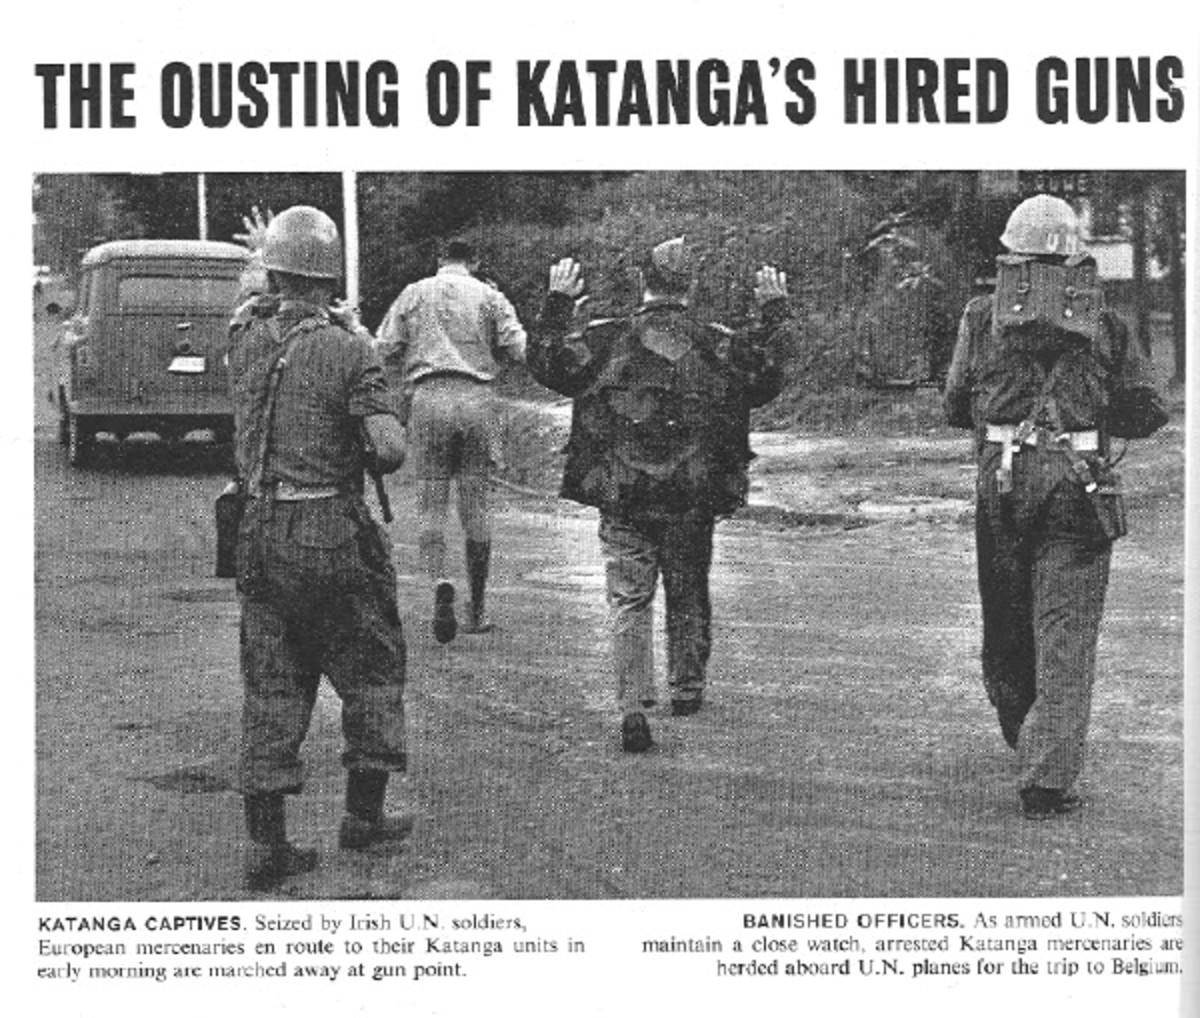 KATANGA CAPTIVES